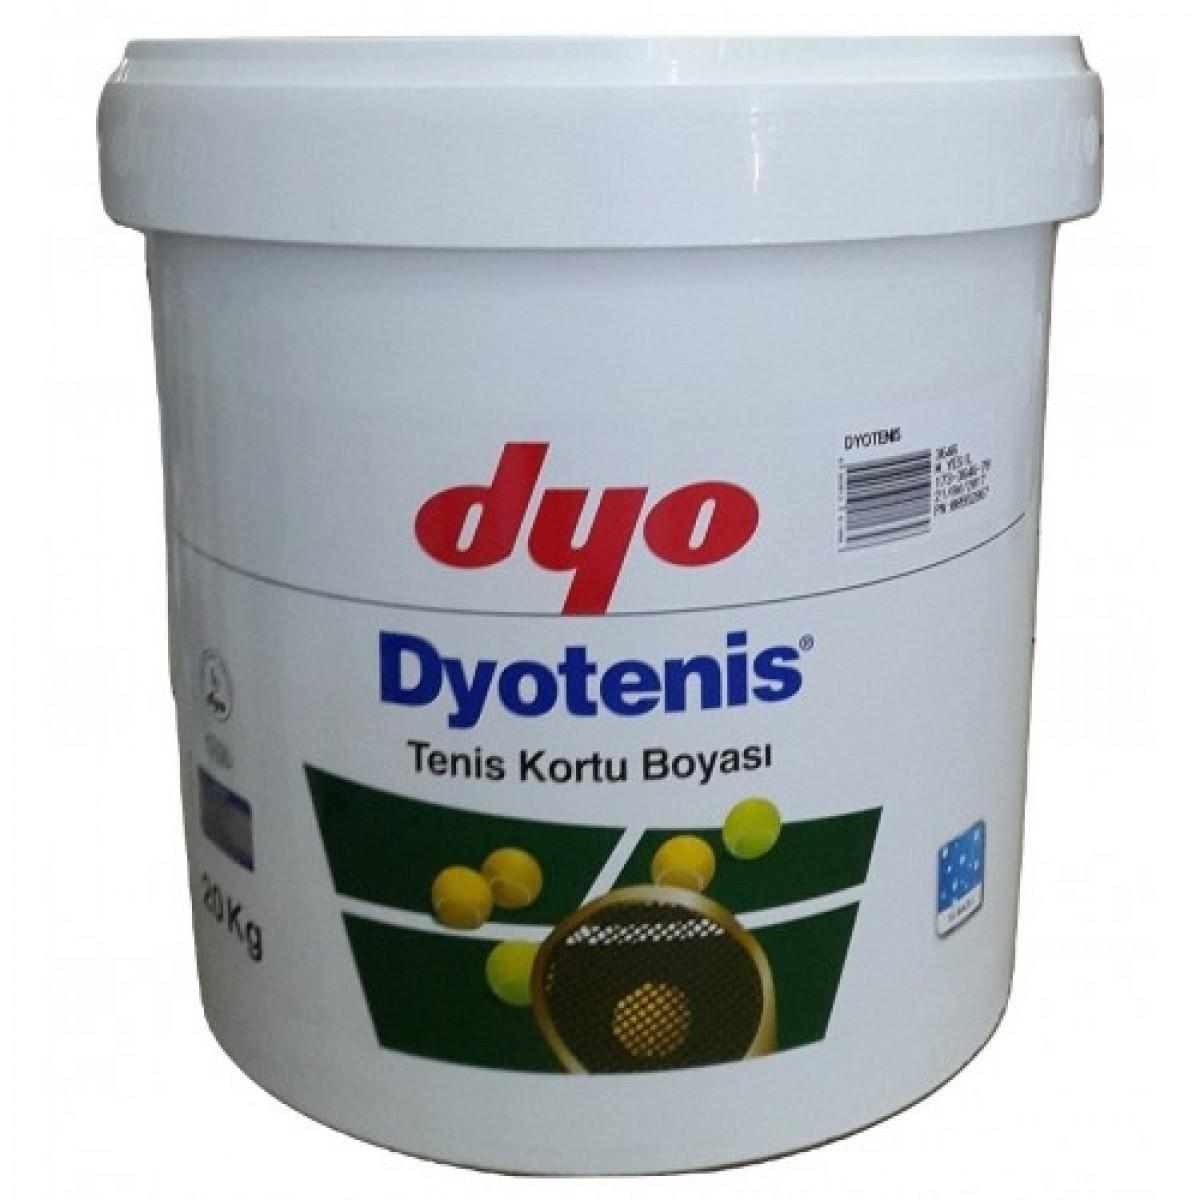 DYOTENIS - краска для теннисных кортов